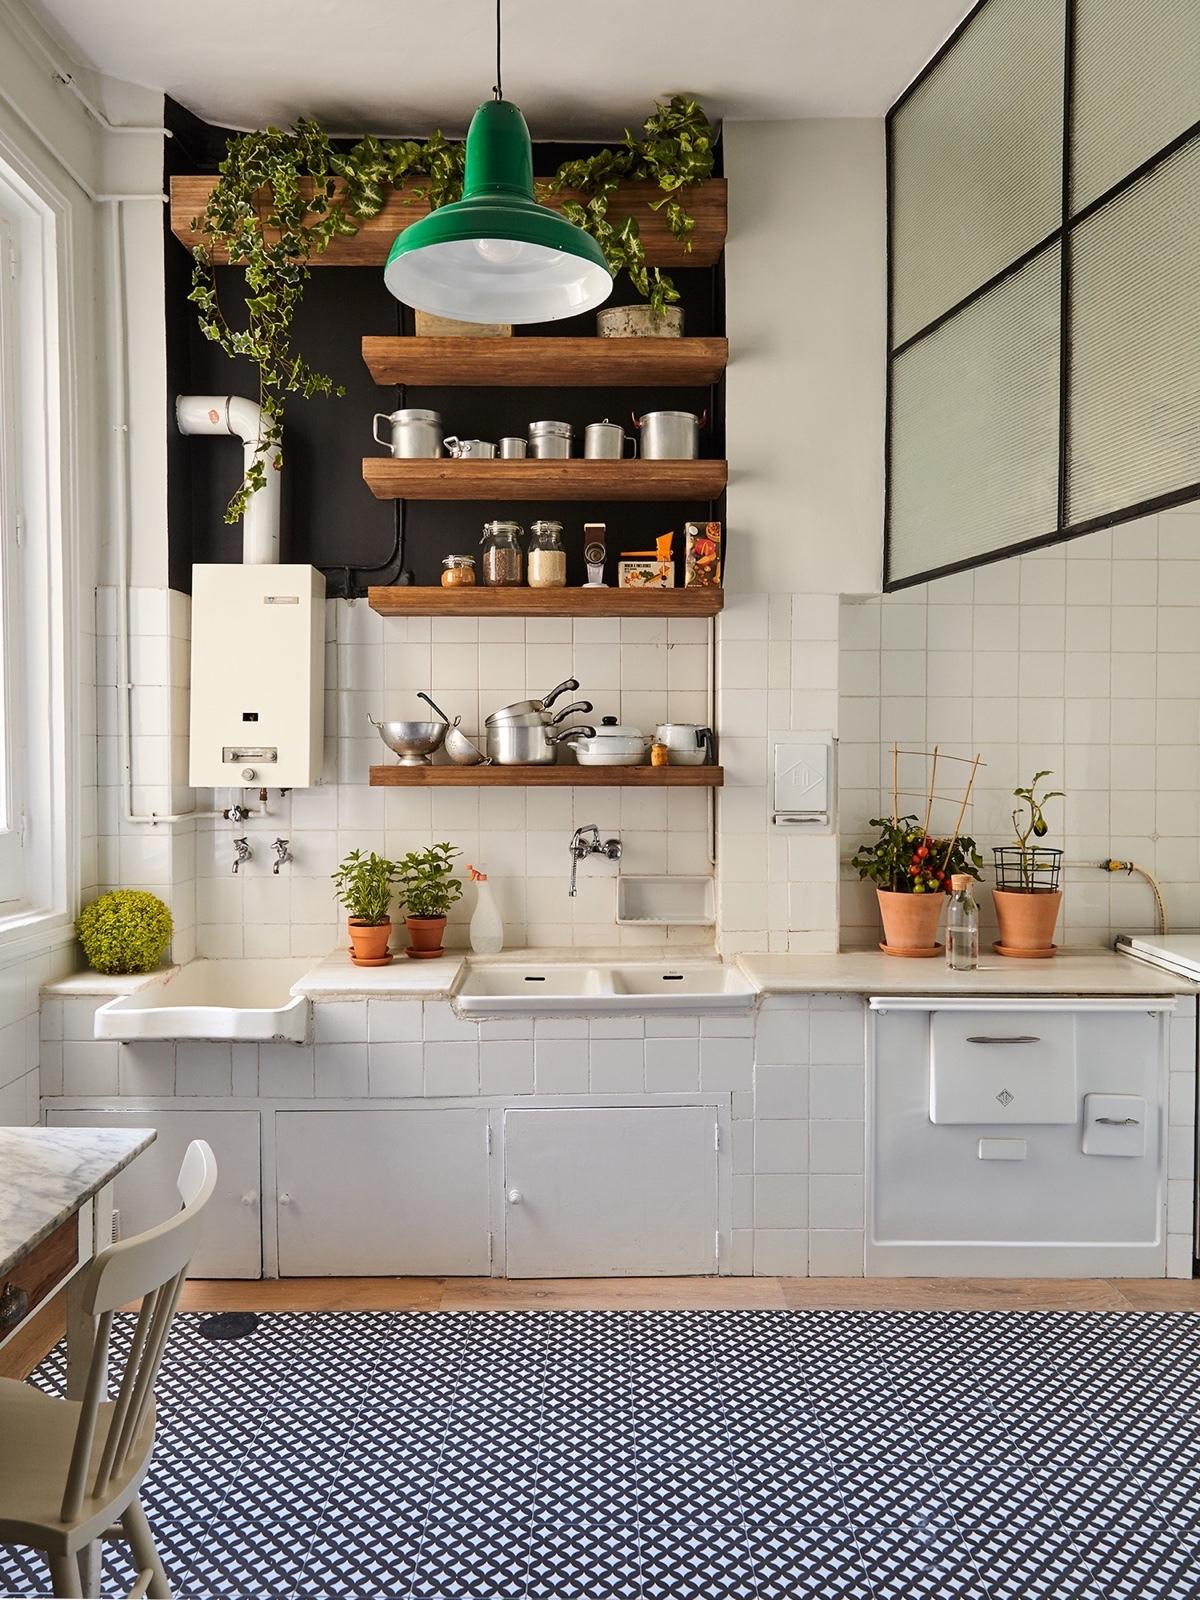 decorar-la-cocina-con-plantas-2